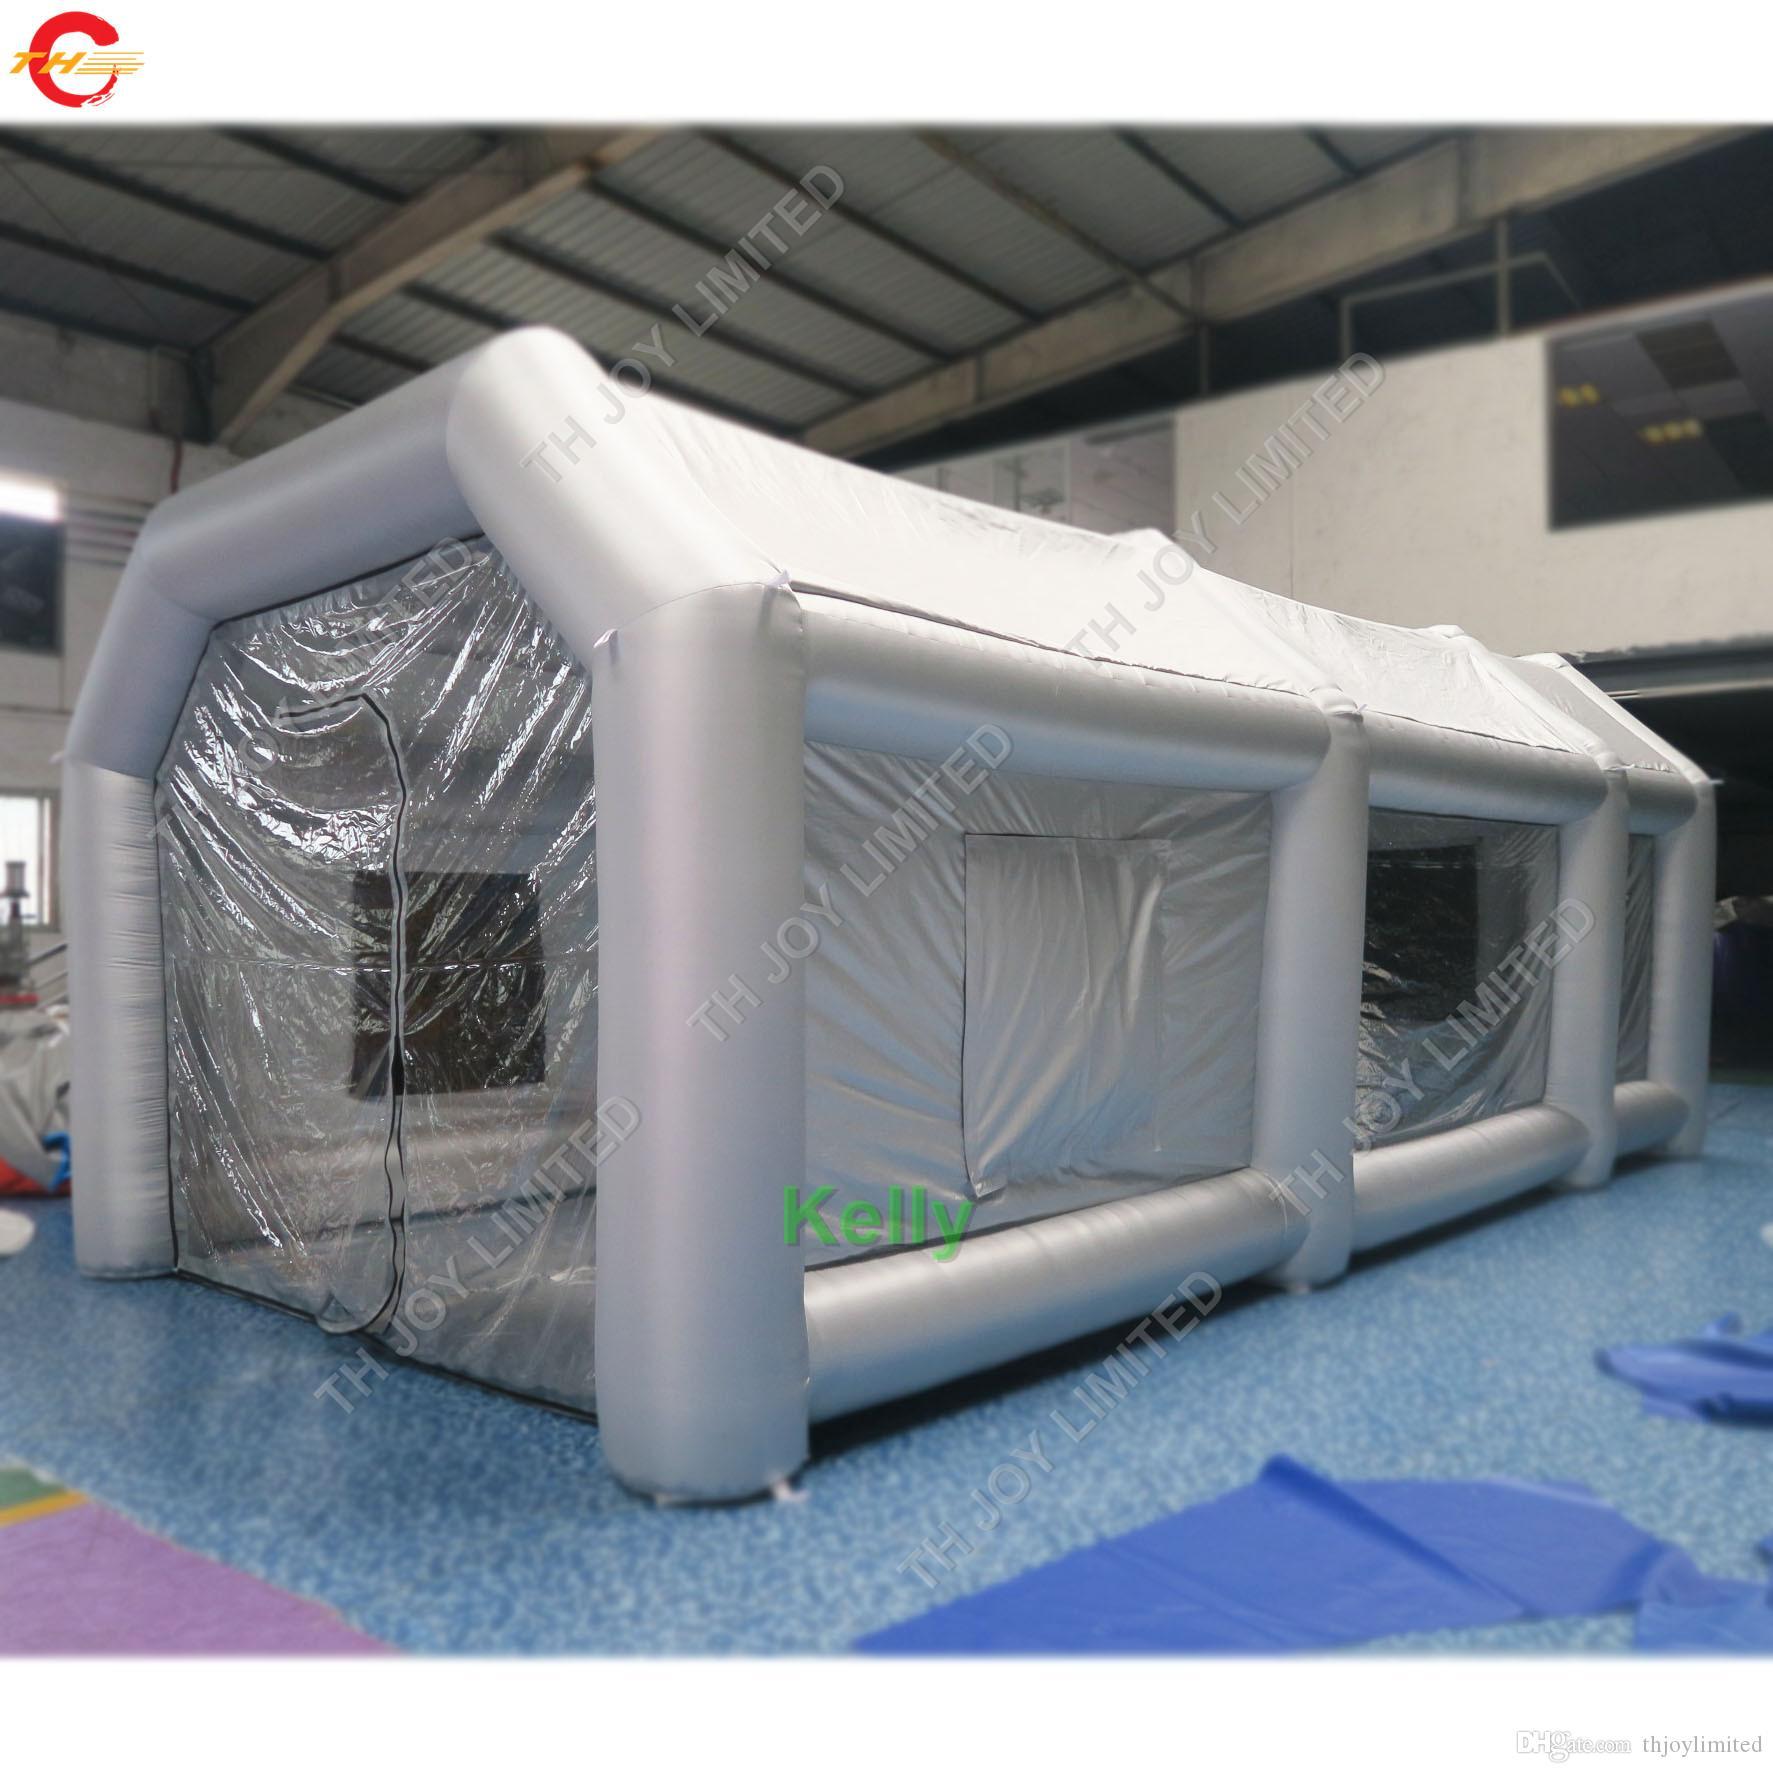 الصين المهنية الطلاء ديي كشك المورد نفخ رذاذ الطلاء كشك محلية الصنع كشك خيمة تصميم غطاء شاحنة الطلاء اللوحة أكشاك